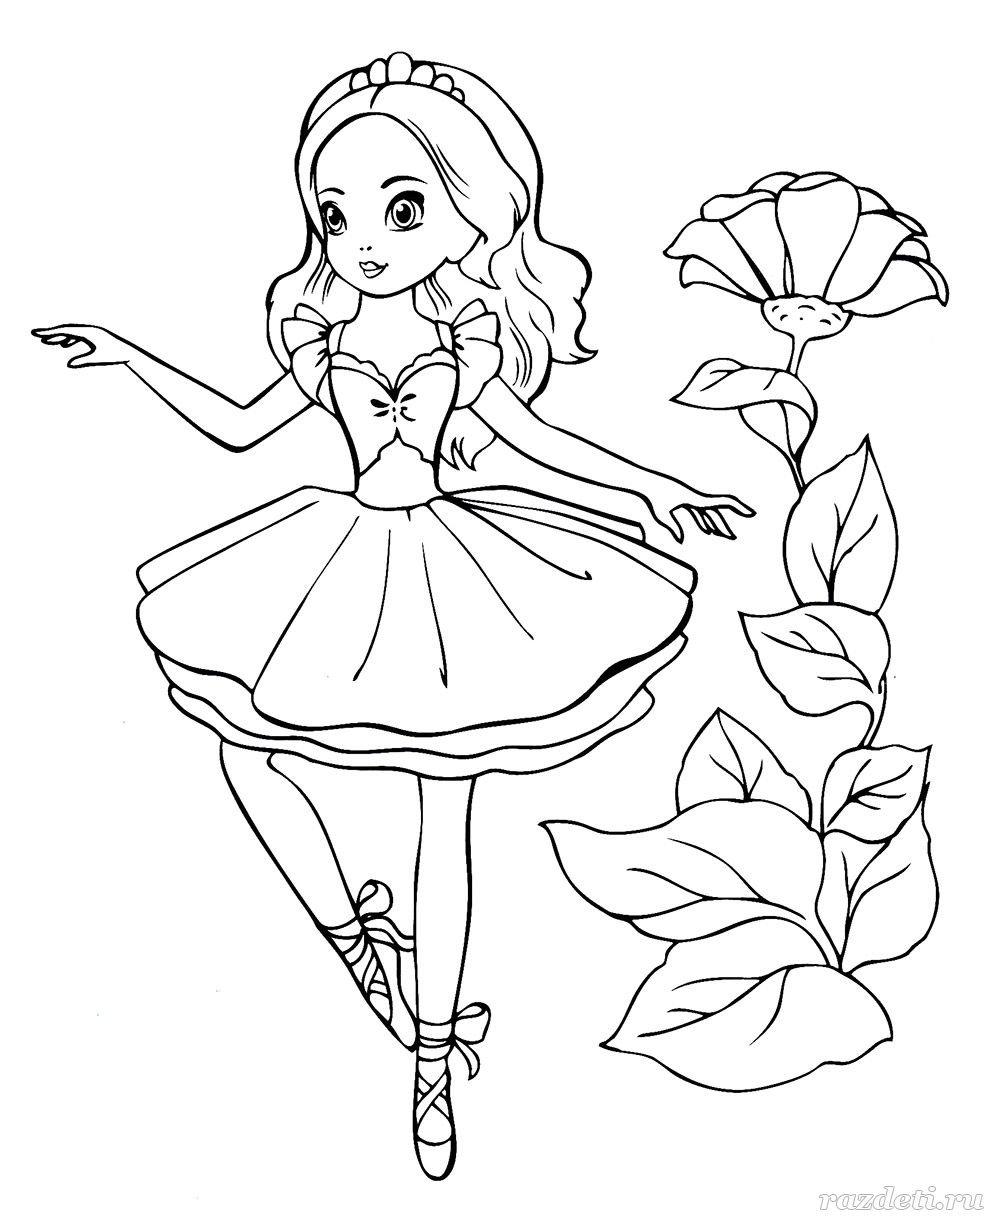 Рисовать картинки раскраски для девочек